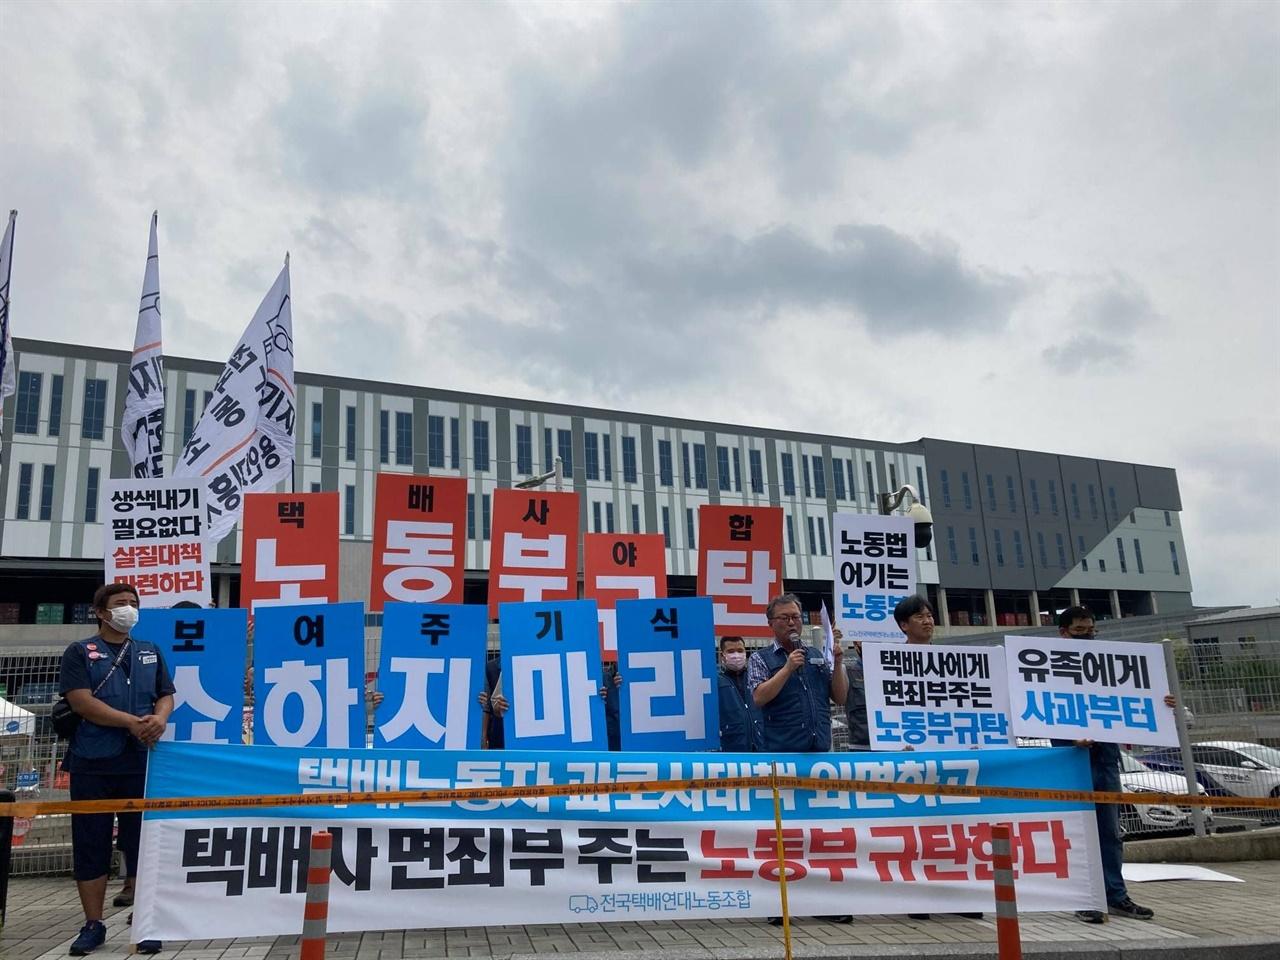 8월 13일 열린 '택배노동자 과로사 대책 외면하는 노동부 규탄 기자회견'